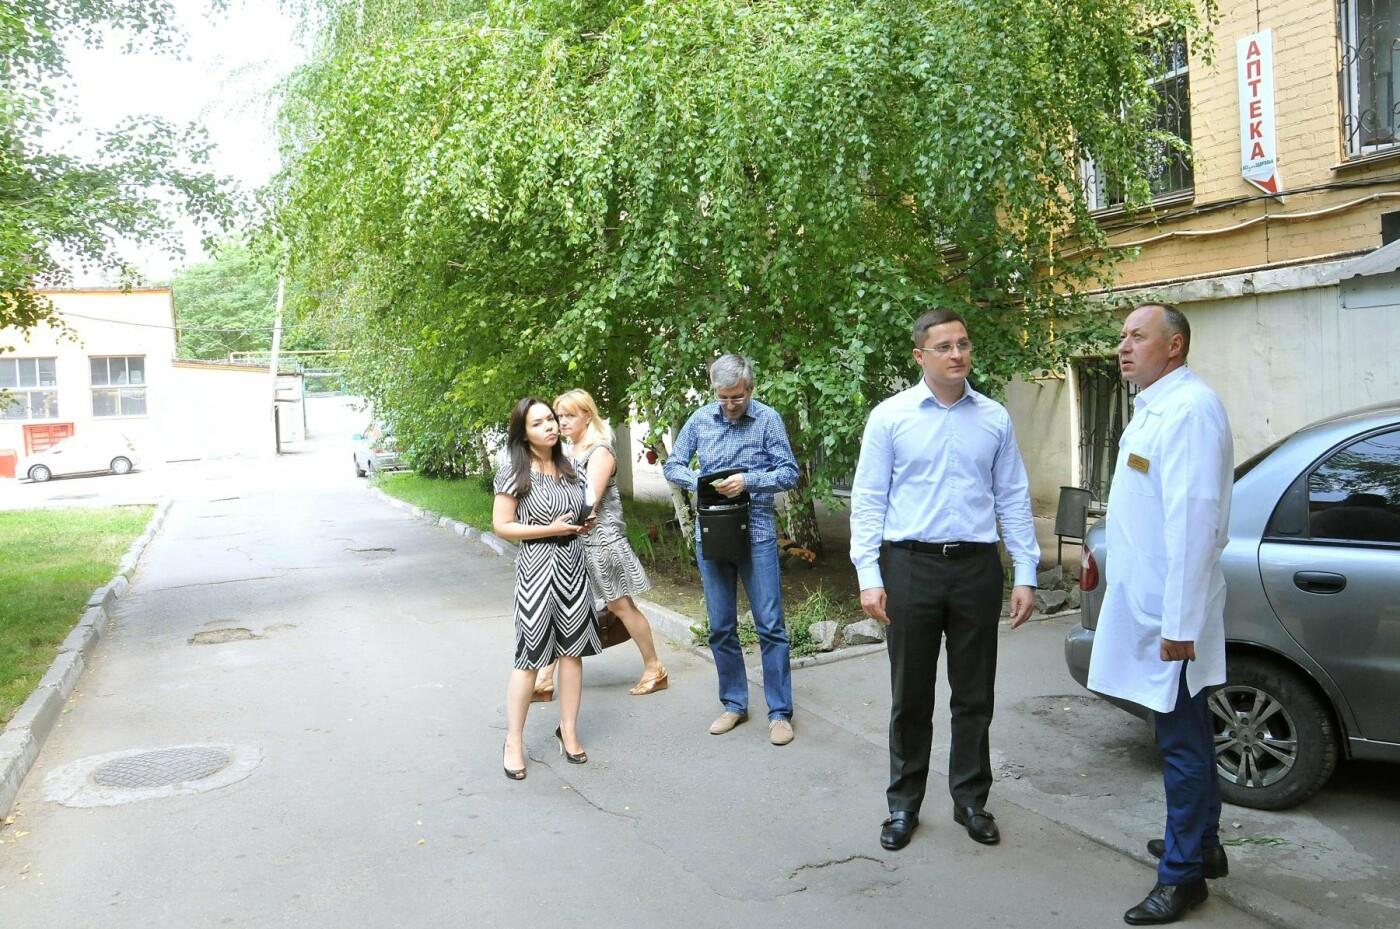 Владислав Марченко: Через месяц в областной детской больнице начнется демонтаж и строительство нового хирургического блока, фото-11